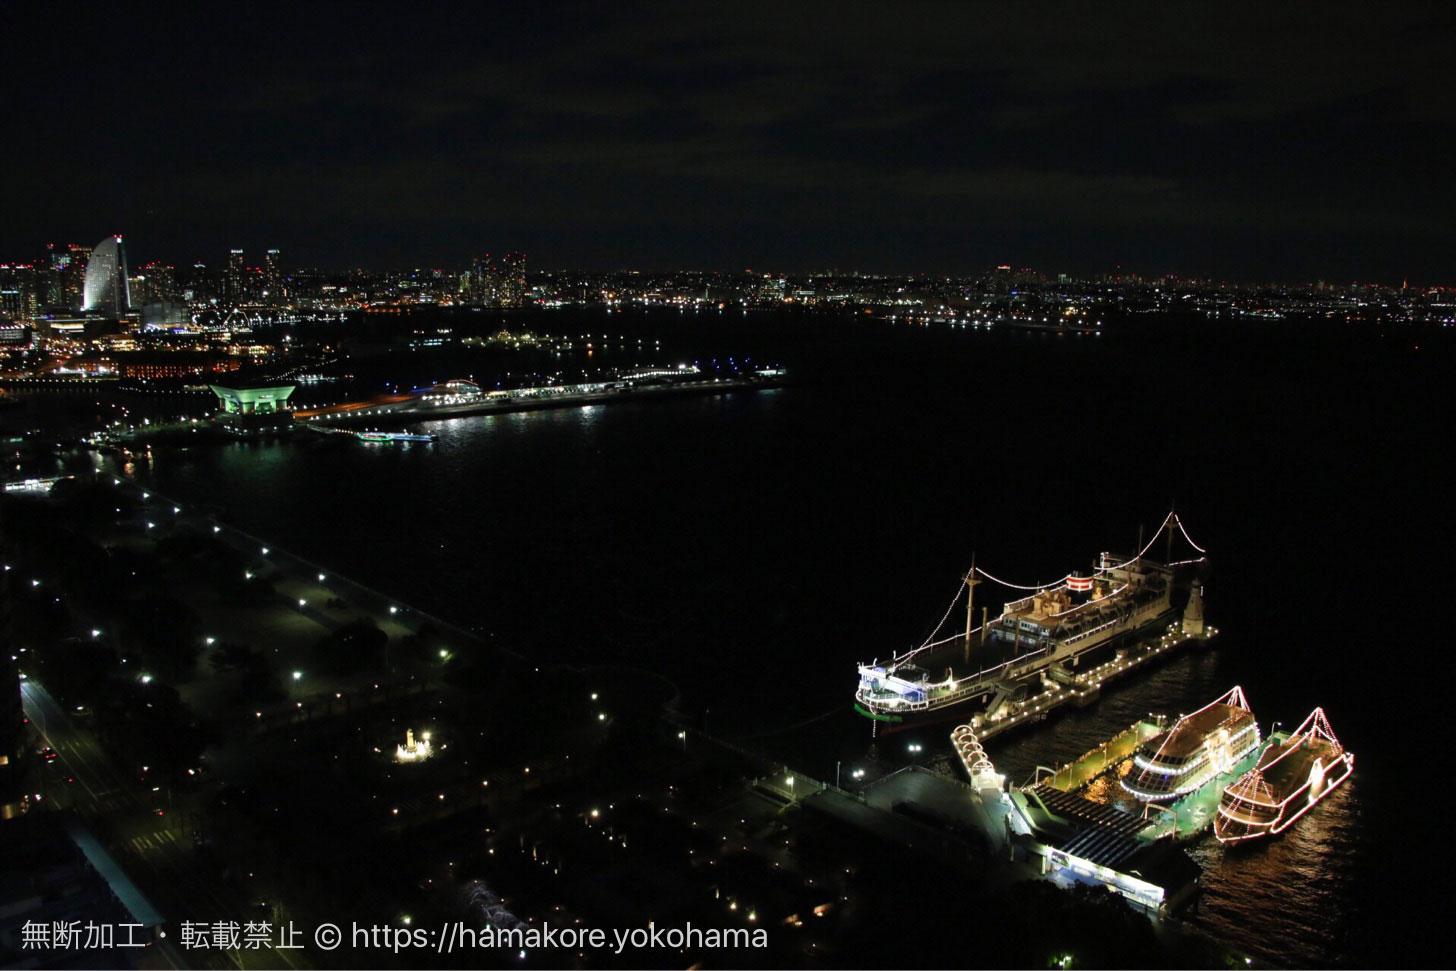 横浜マリンタワーから見た夜景 山下公園側